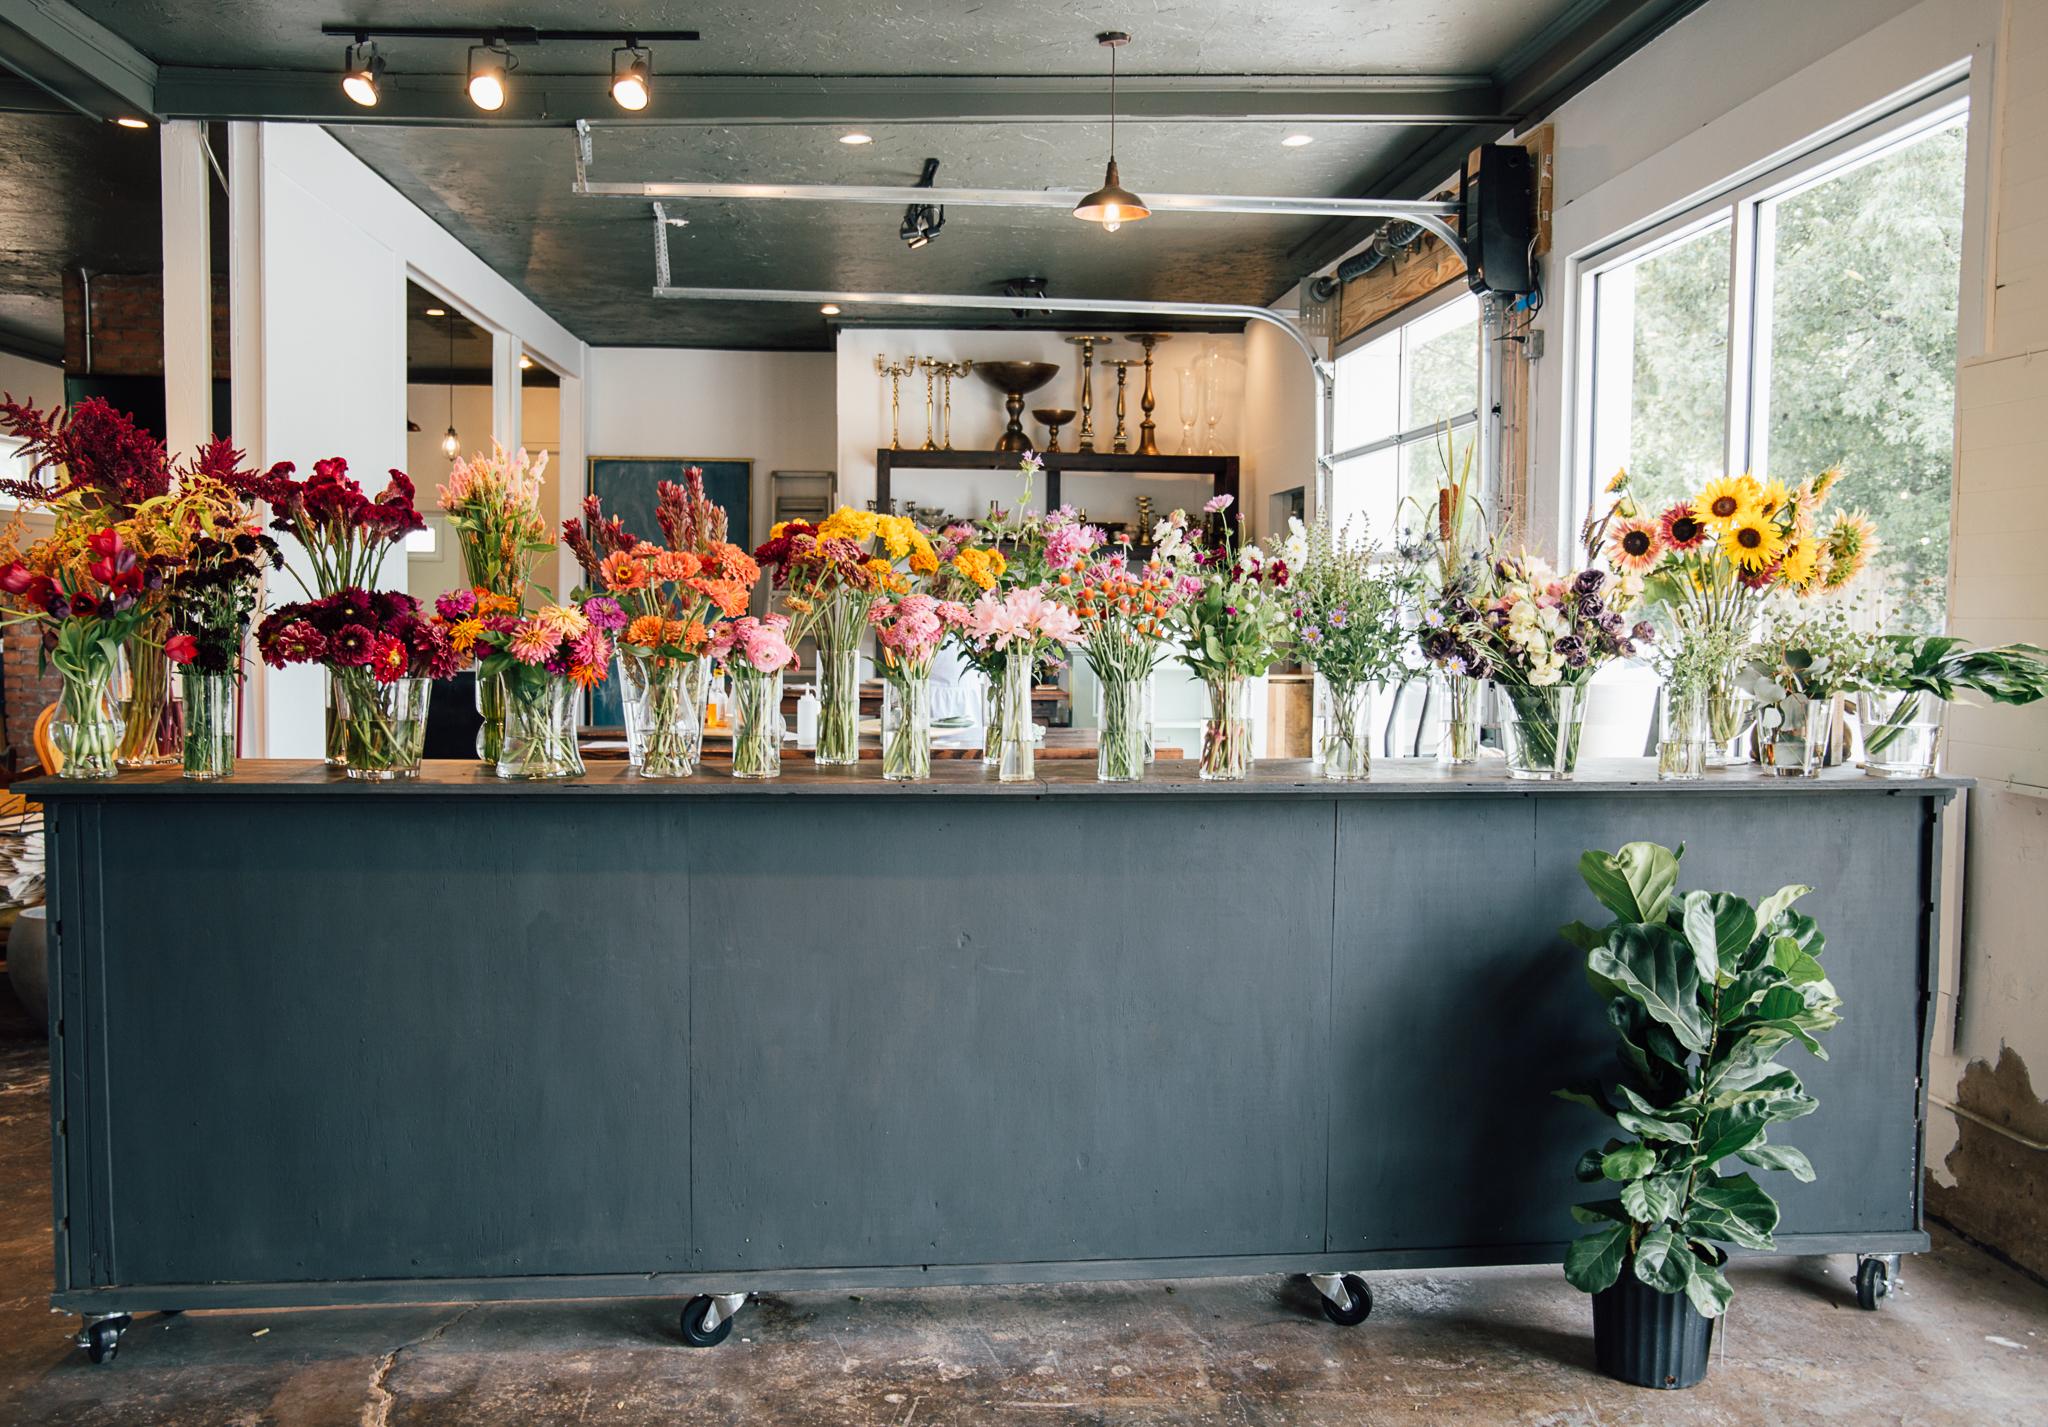 flower-furbish-midtown-paducah-shop-1012 (1).jpg